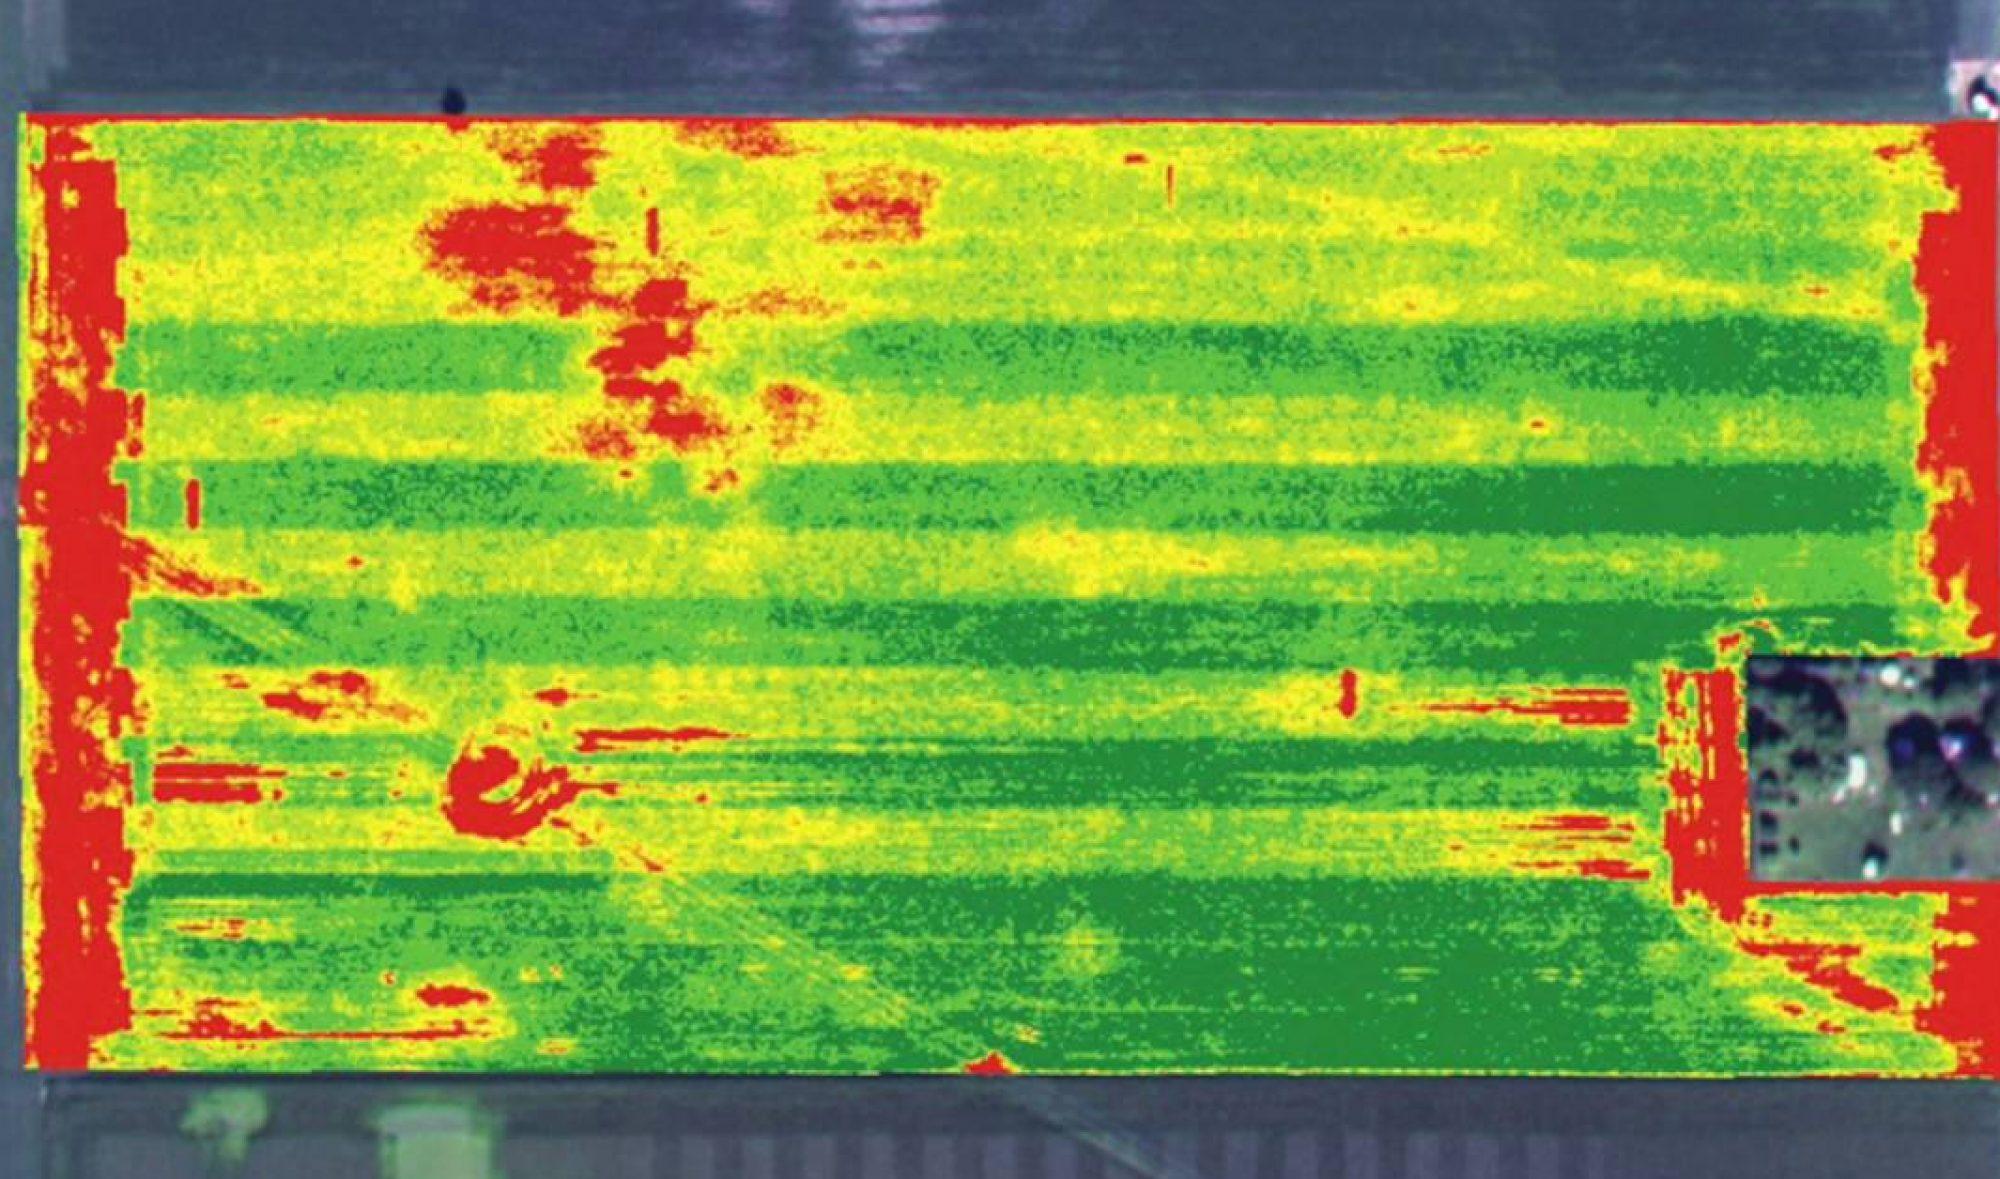 cropped-pemetaan-pertanian-mudah-murah-kualitas-terbaik.jpg